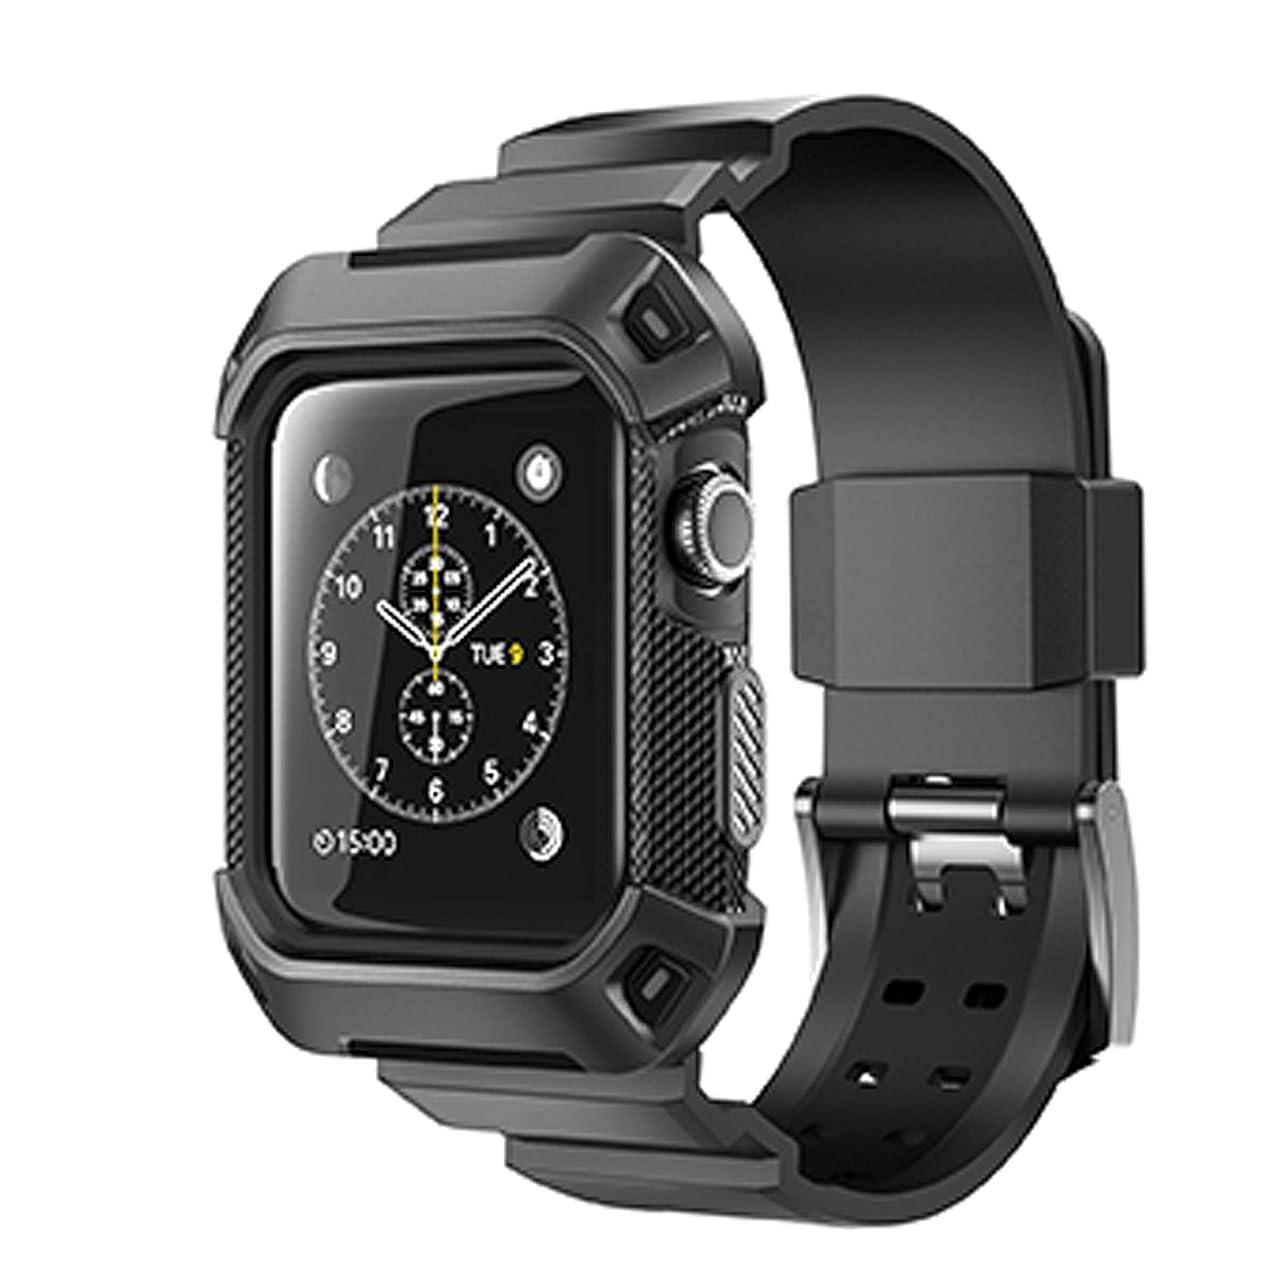 解体するシネウィ費やすnullie Apple Watch ベルト 保護フィルム付き 一体型 バンド 防水 防汗 直接充電 (38mm, 黒)